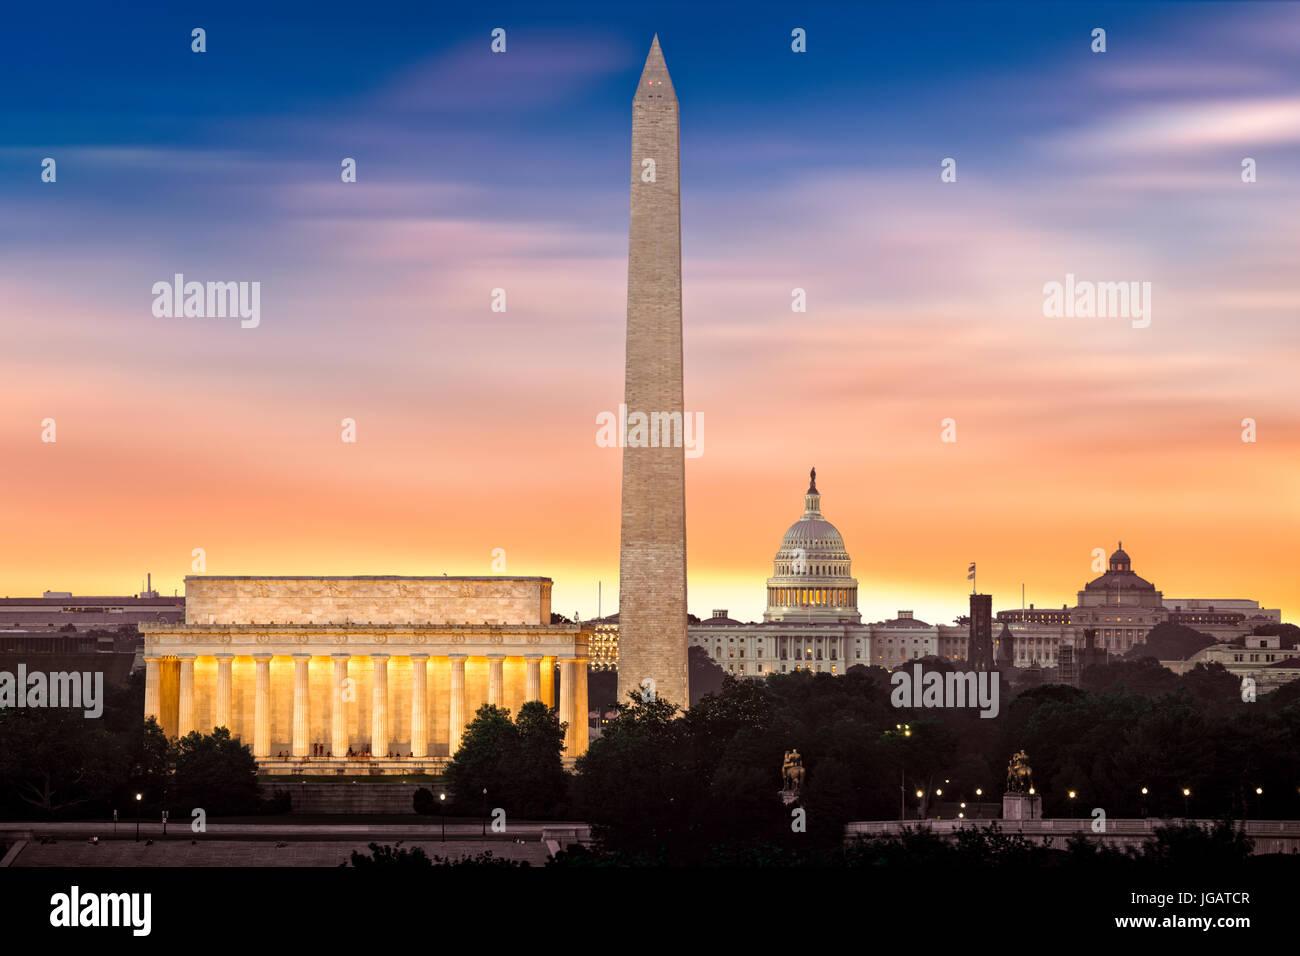 Nuevo Amanecer sobre Washington - con 3 icónico monumentos iluminados al amanecer: Monumento a Lincoln, el Imagen De Stock